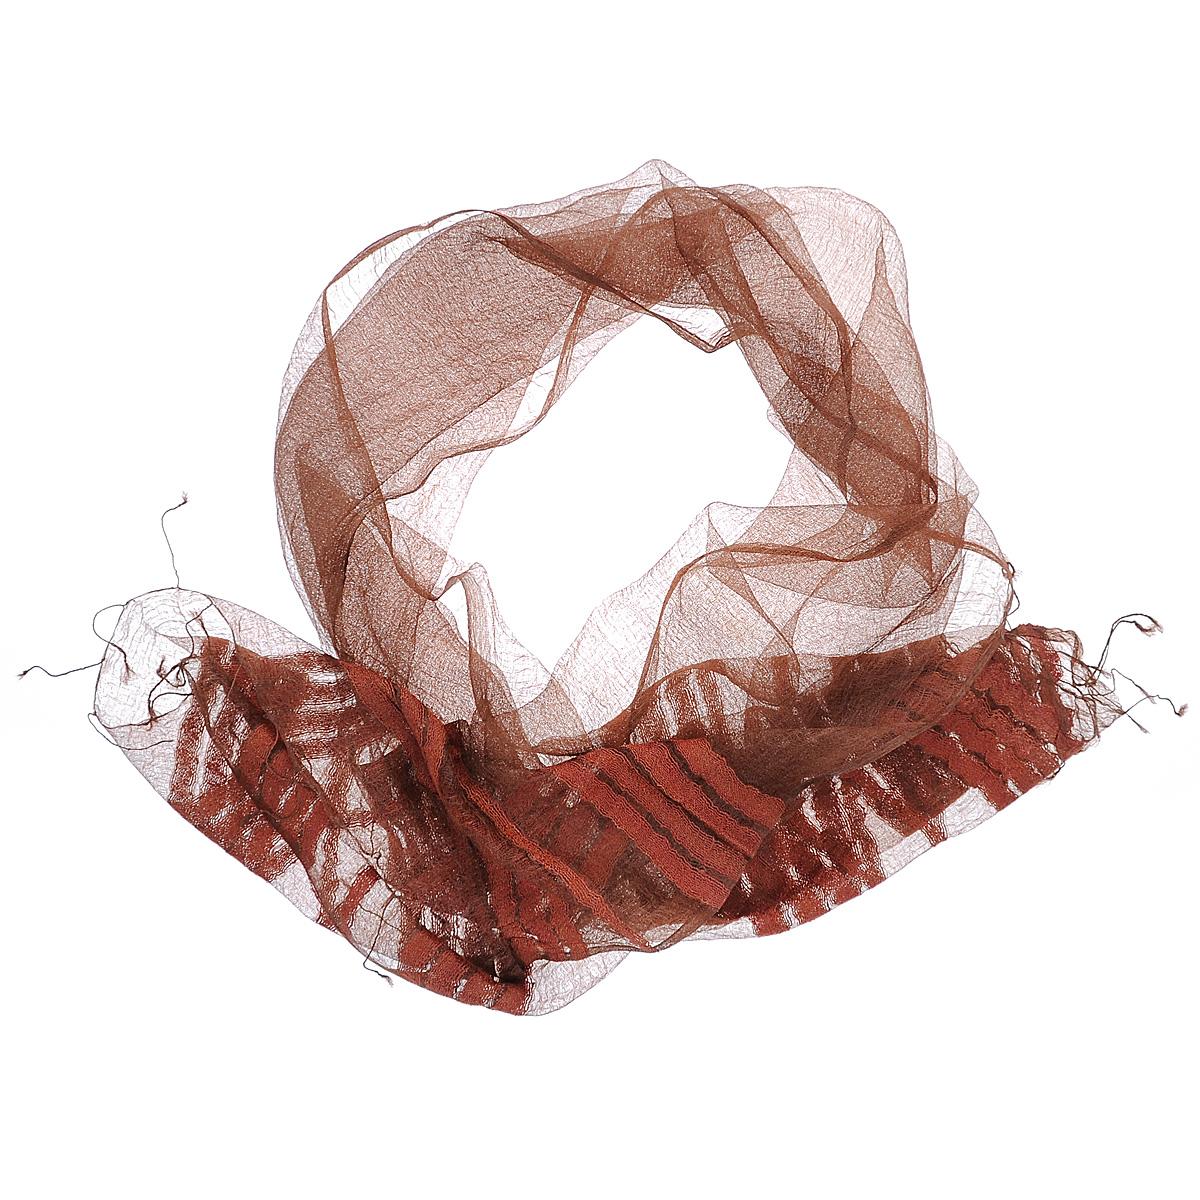 761125Восхитительный газовый шарф Ethnica выполнен из шелка. Ткань прекрасно драпируется и дарит чувство комфорта. Эта модель, оформленная полосками и тонкими кисточками по краям, добавит индивидуальности вашему образу. Если вы любите фантазировать и не страшитесь экспериментов с собственным имиджем - попробуйте превратить шарф в головную повязку или легкий аксессуар для дамской сумочки. Правильно подобранный шарф делает образ женщины завершенным! Такой аксессуар достойно дополнит ваш гардероб.